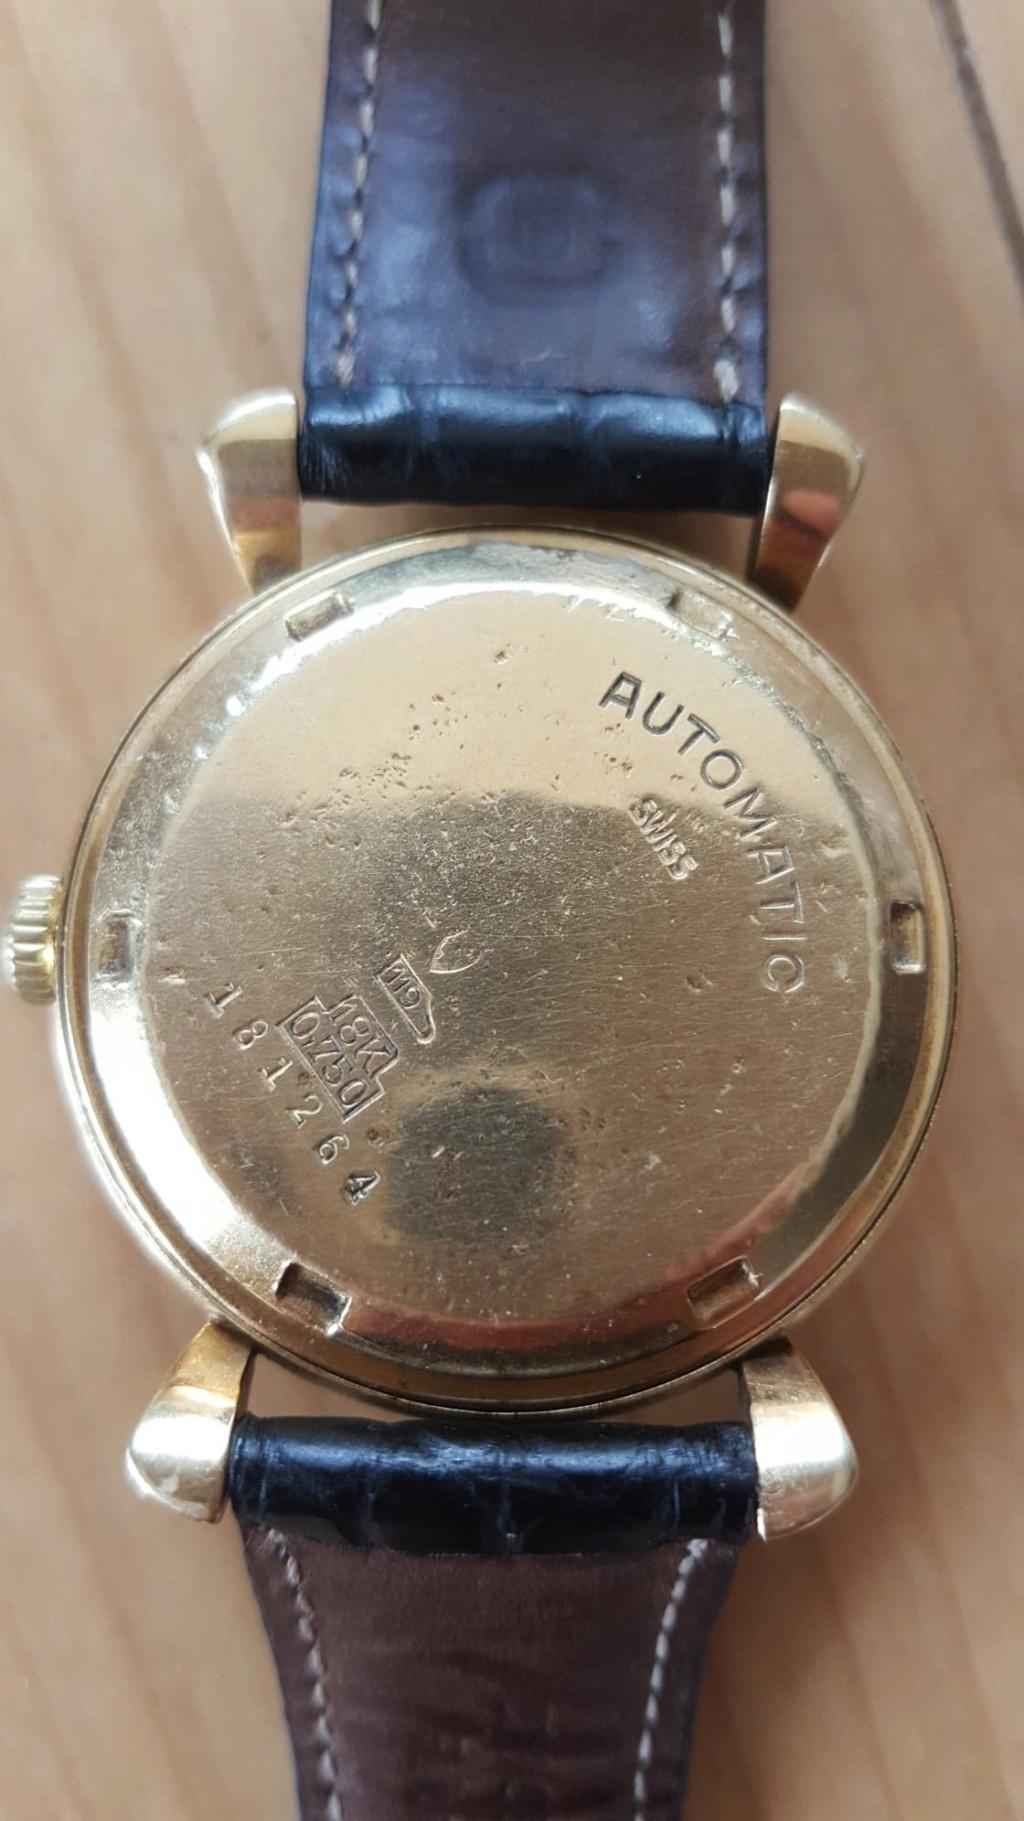 Enicar -  [Postez ICI les demandes d'IDENTIFICATION et RENSEIGNEMENTS de vos montres] - Page 33 Rona210